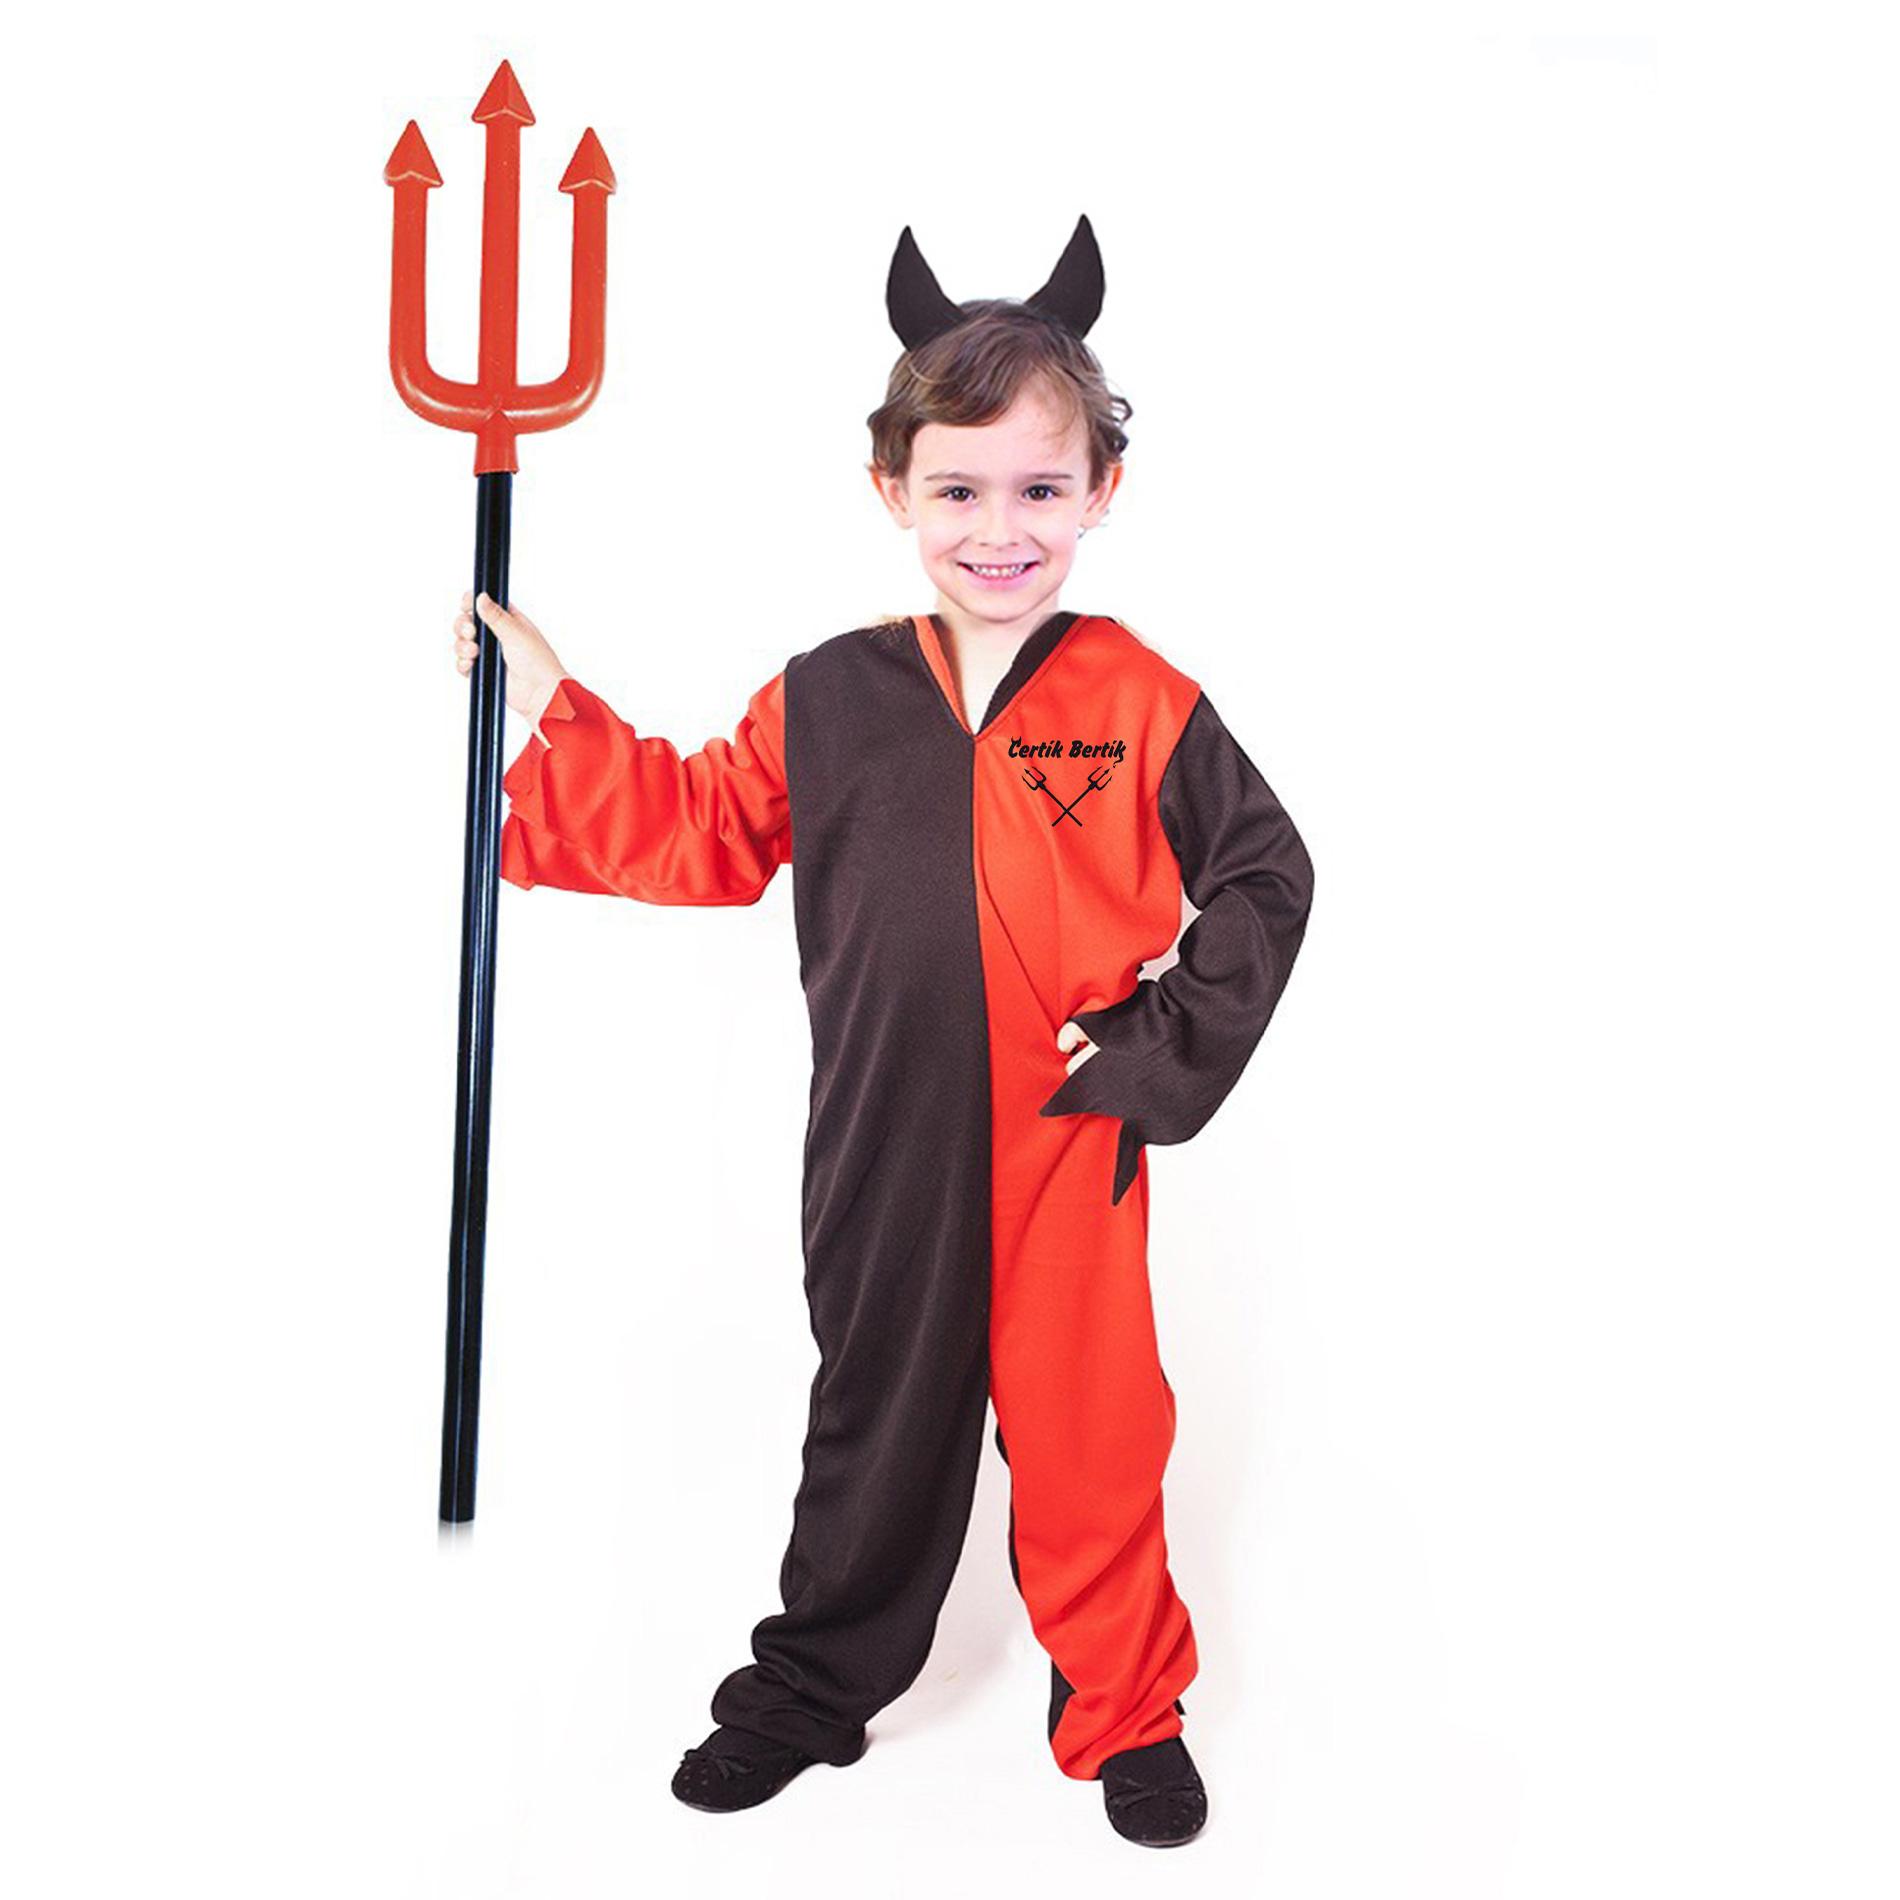 Dětský kostým čert s čelenkou (S) e-obal